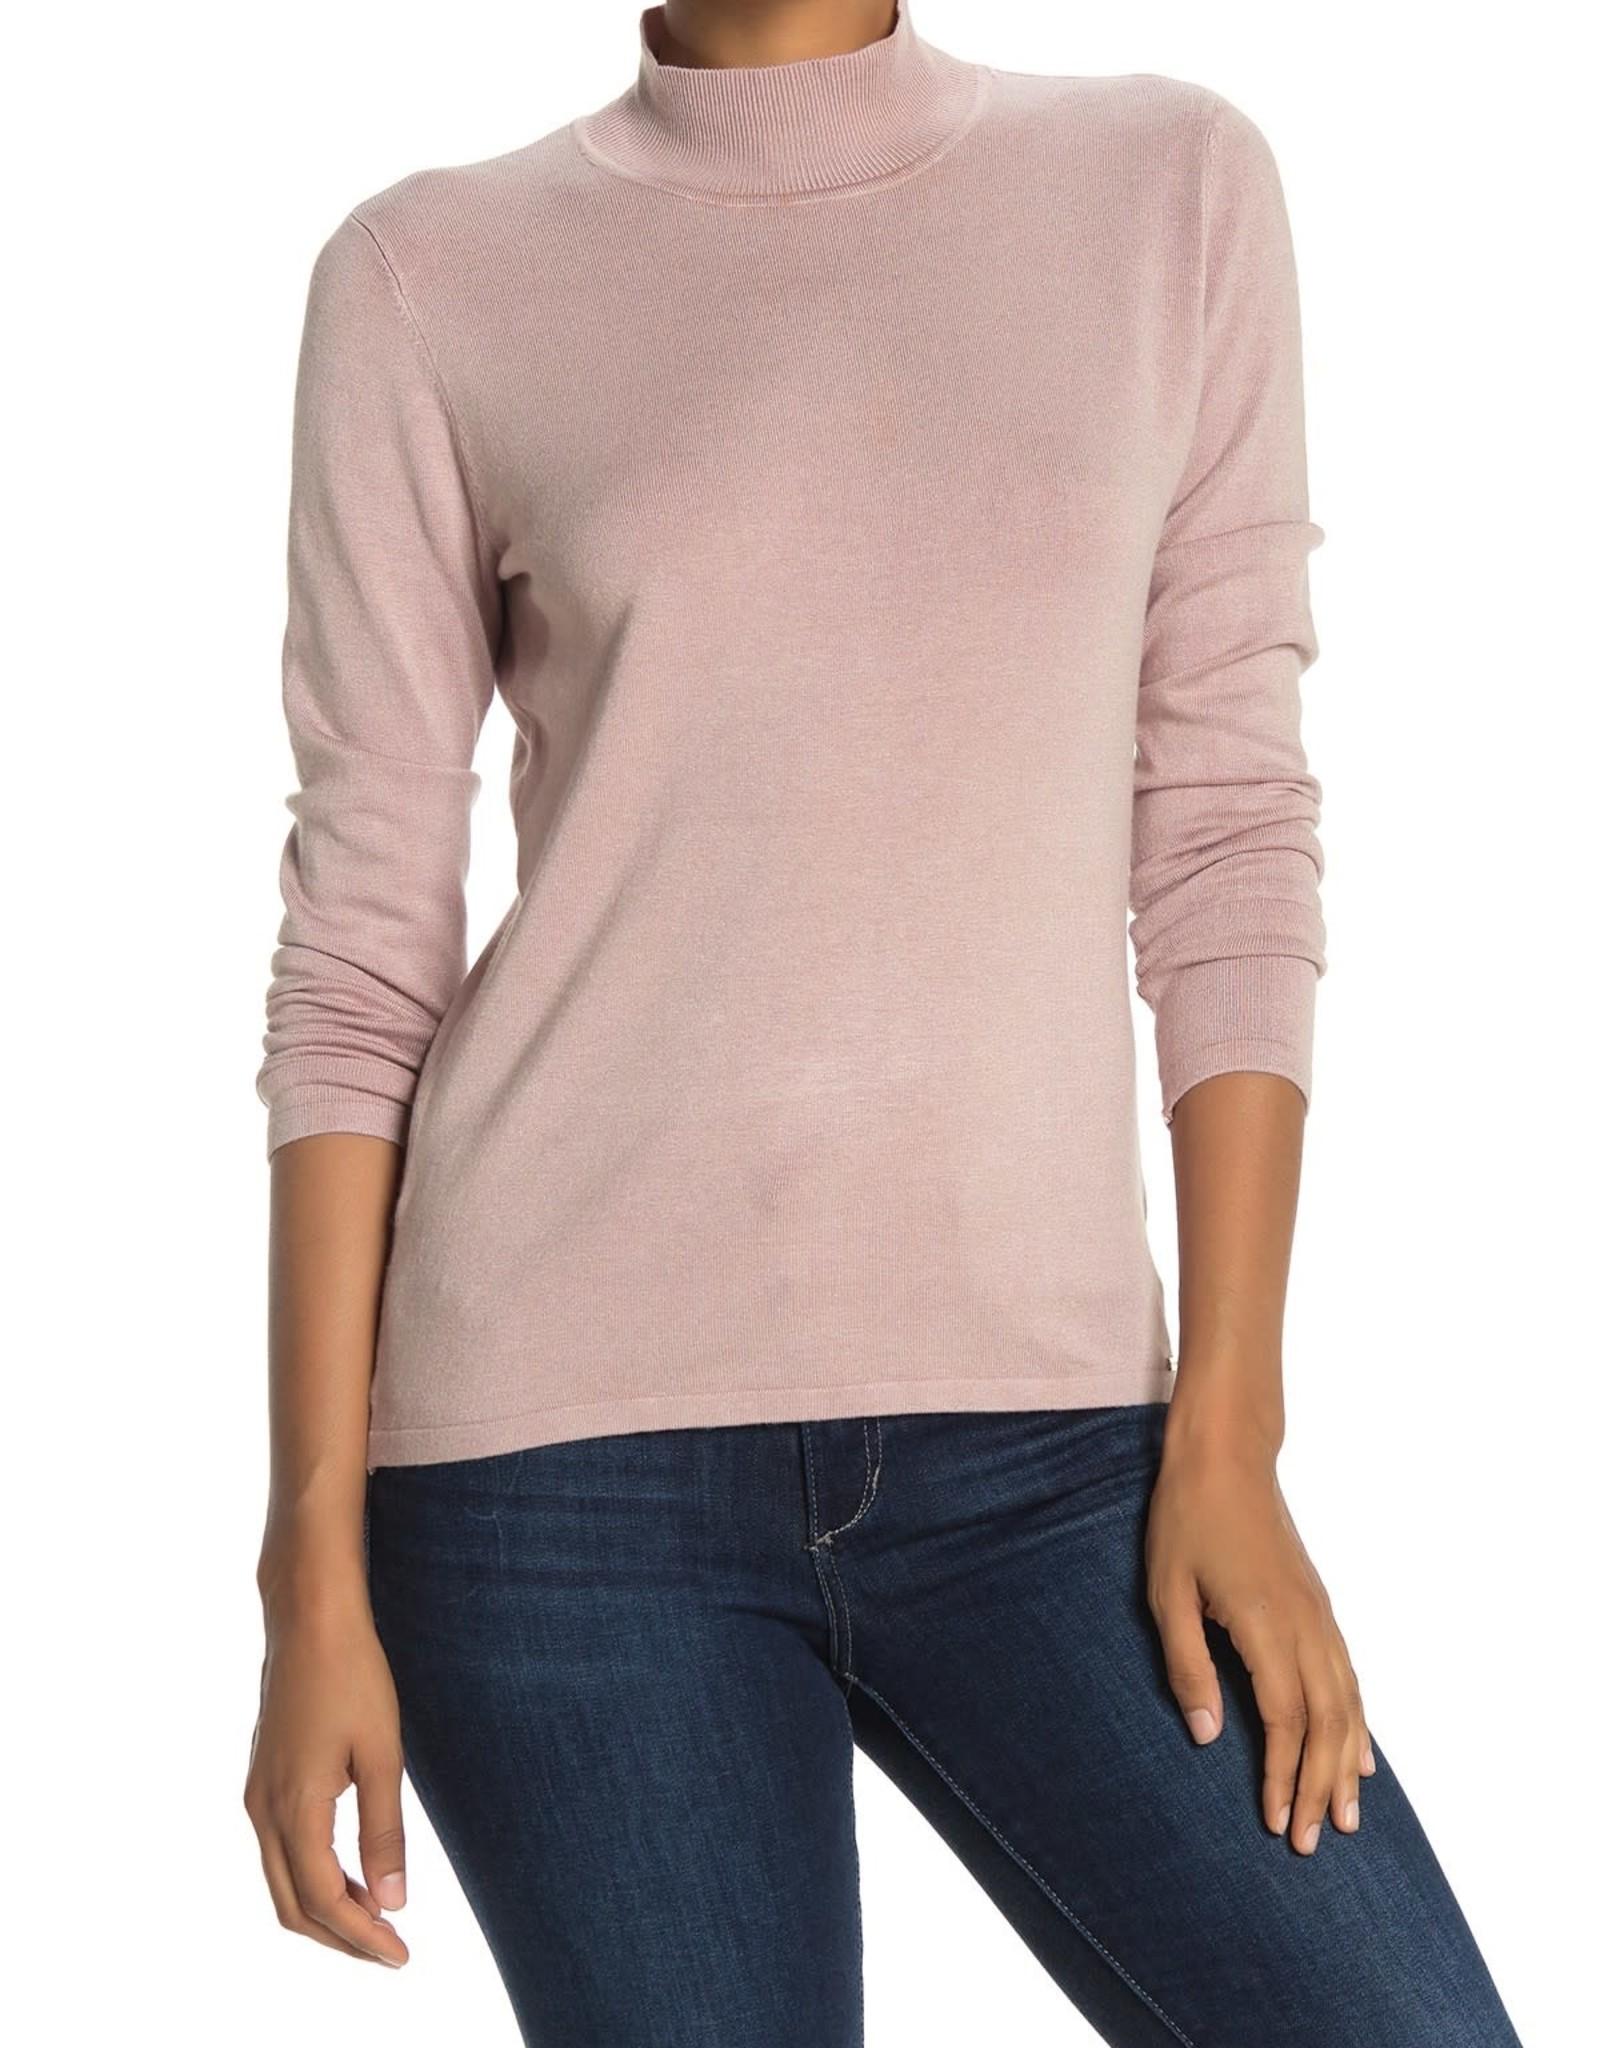 Tahari Tahari Mock Neck L/S Sweater Sz M